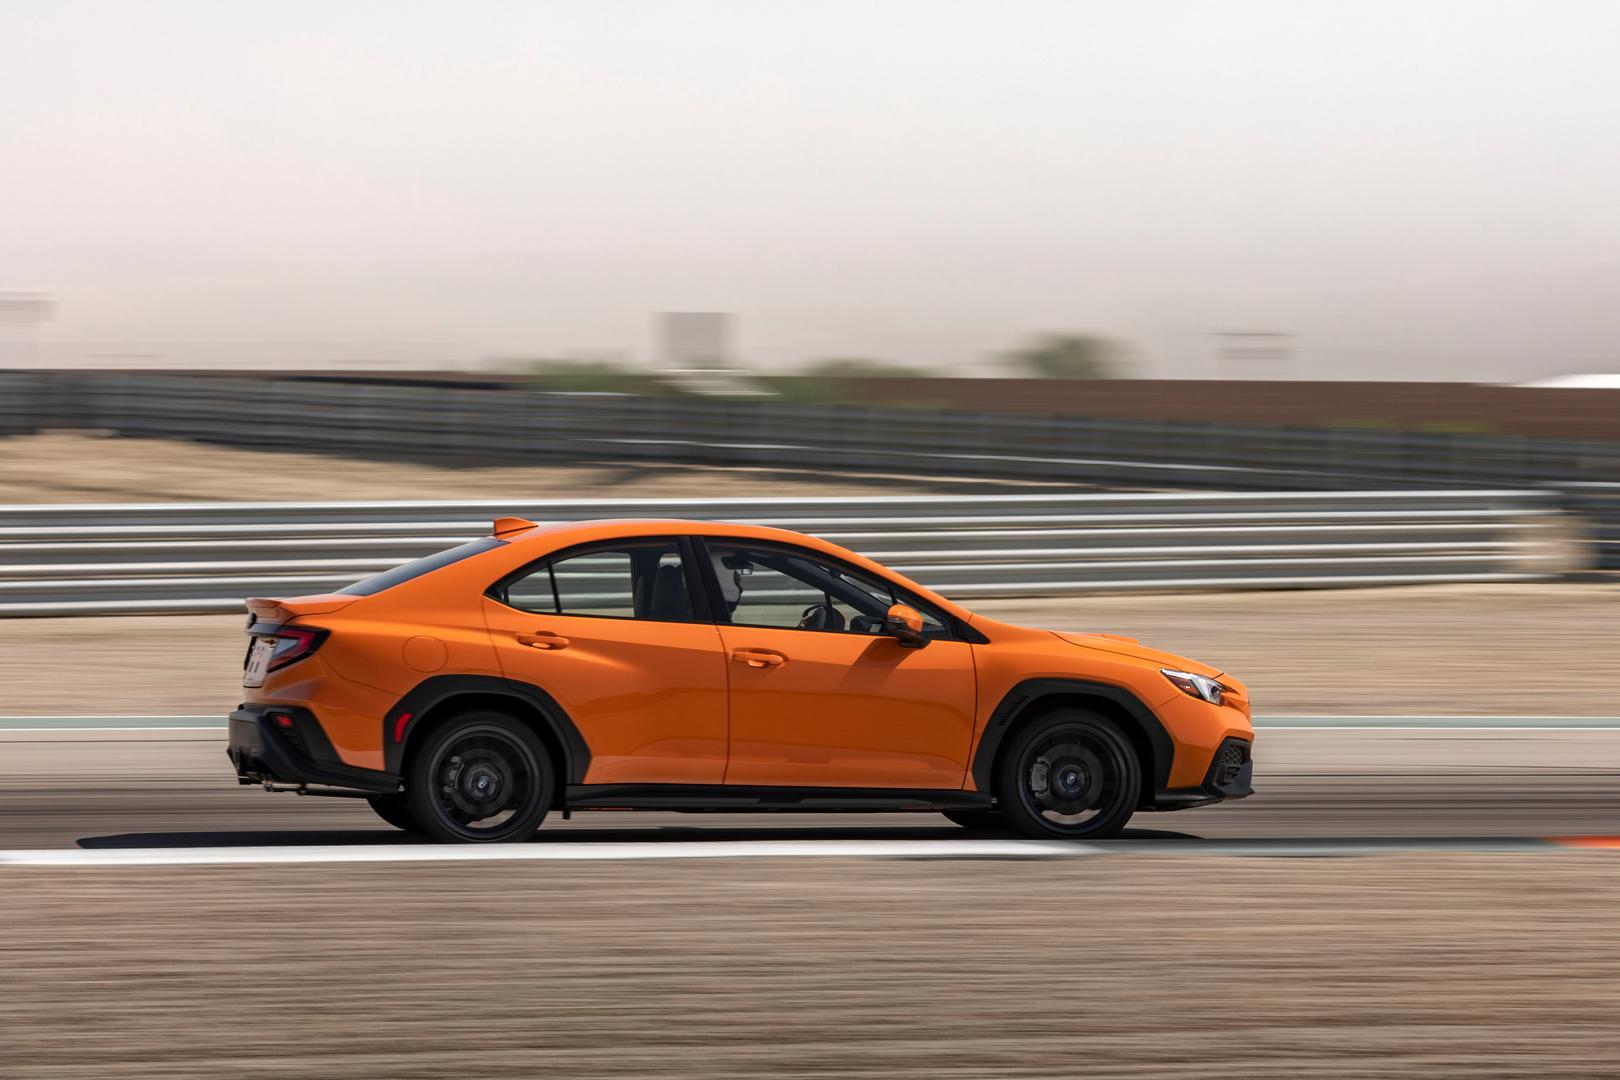 2022 Subaru WRX side